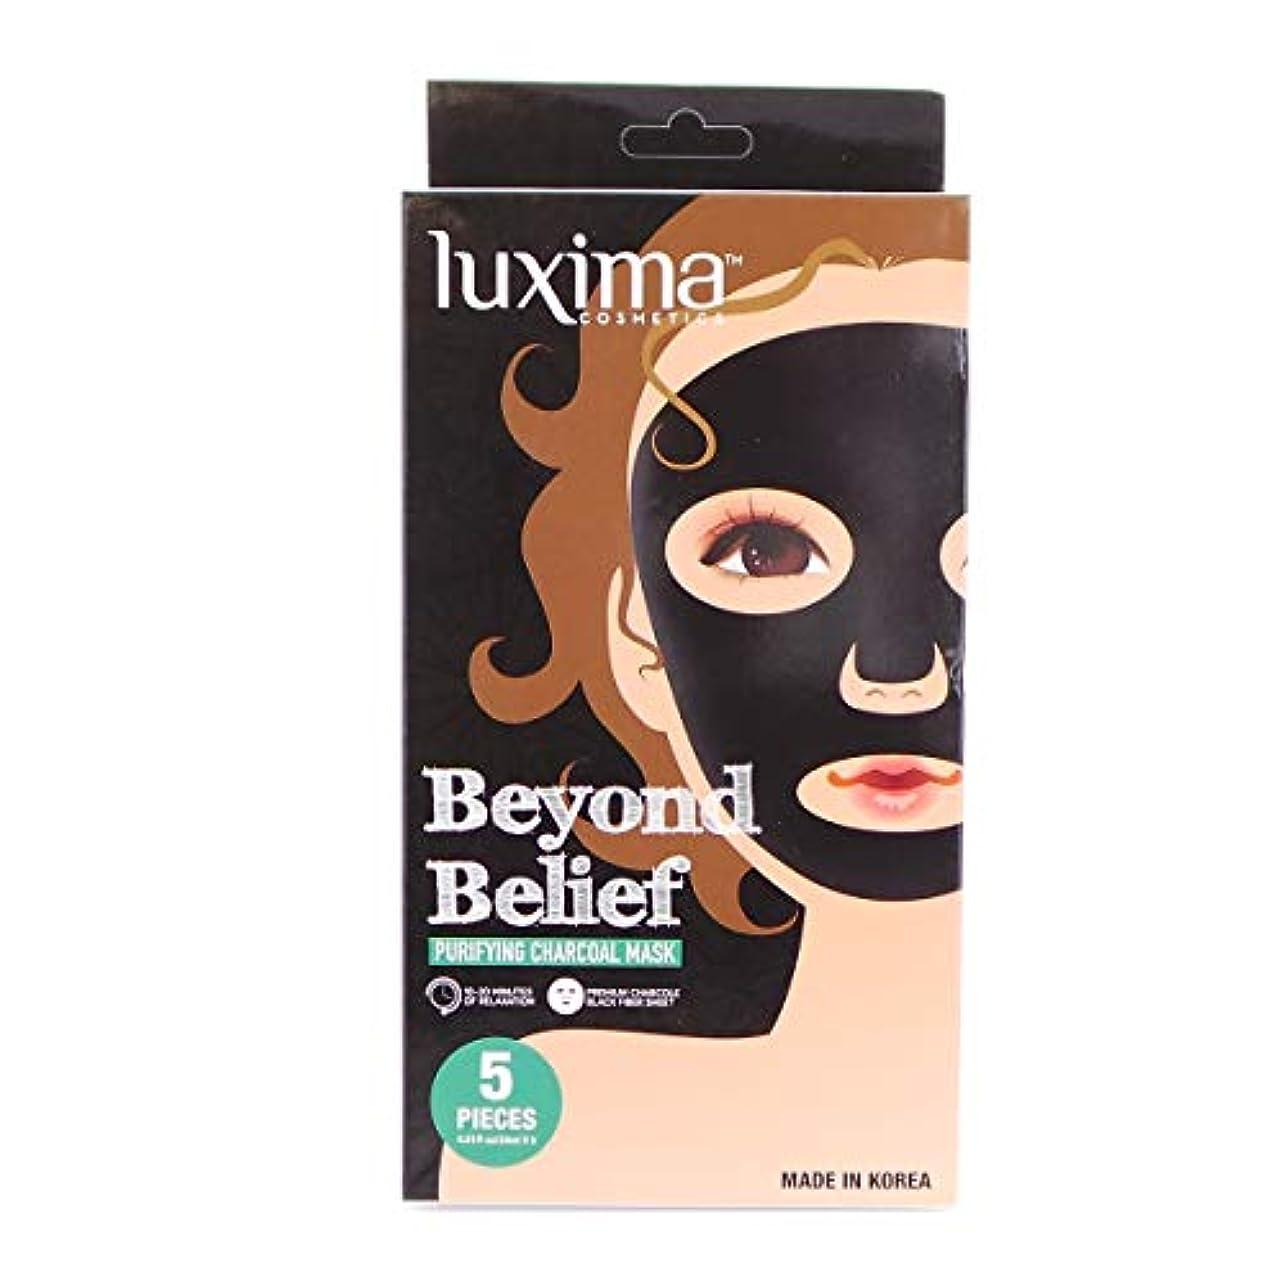 ラッチ暴徒傾斜(6 Pack) LUXIMA Beyond Belief Purifying Charcoal Mask, Pack of 5 (並行輸入品)